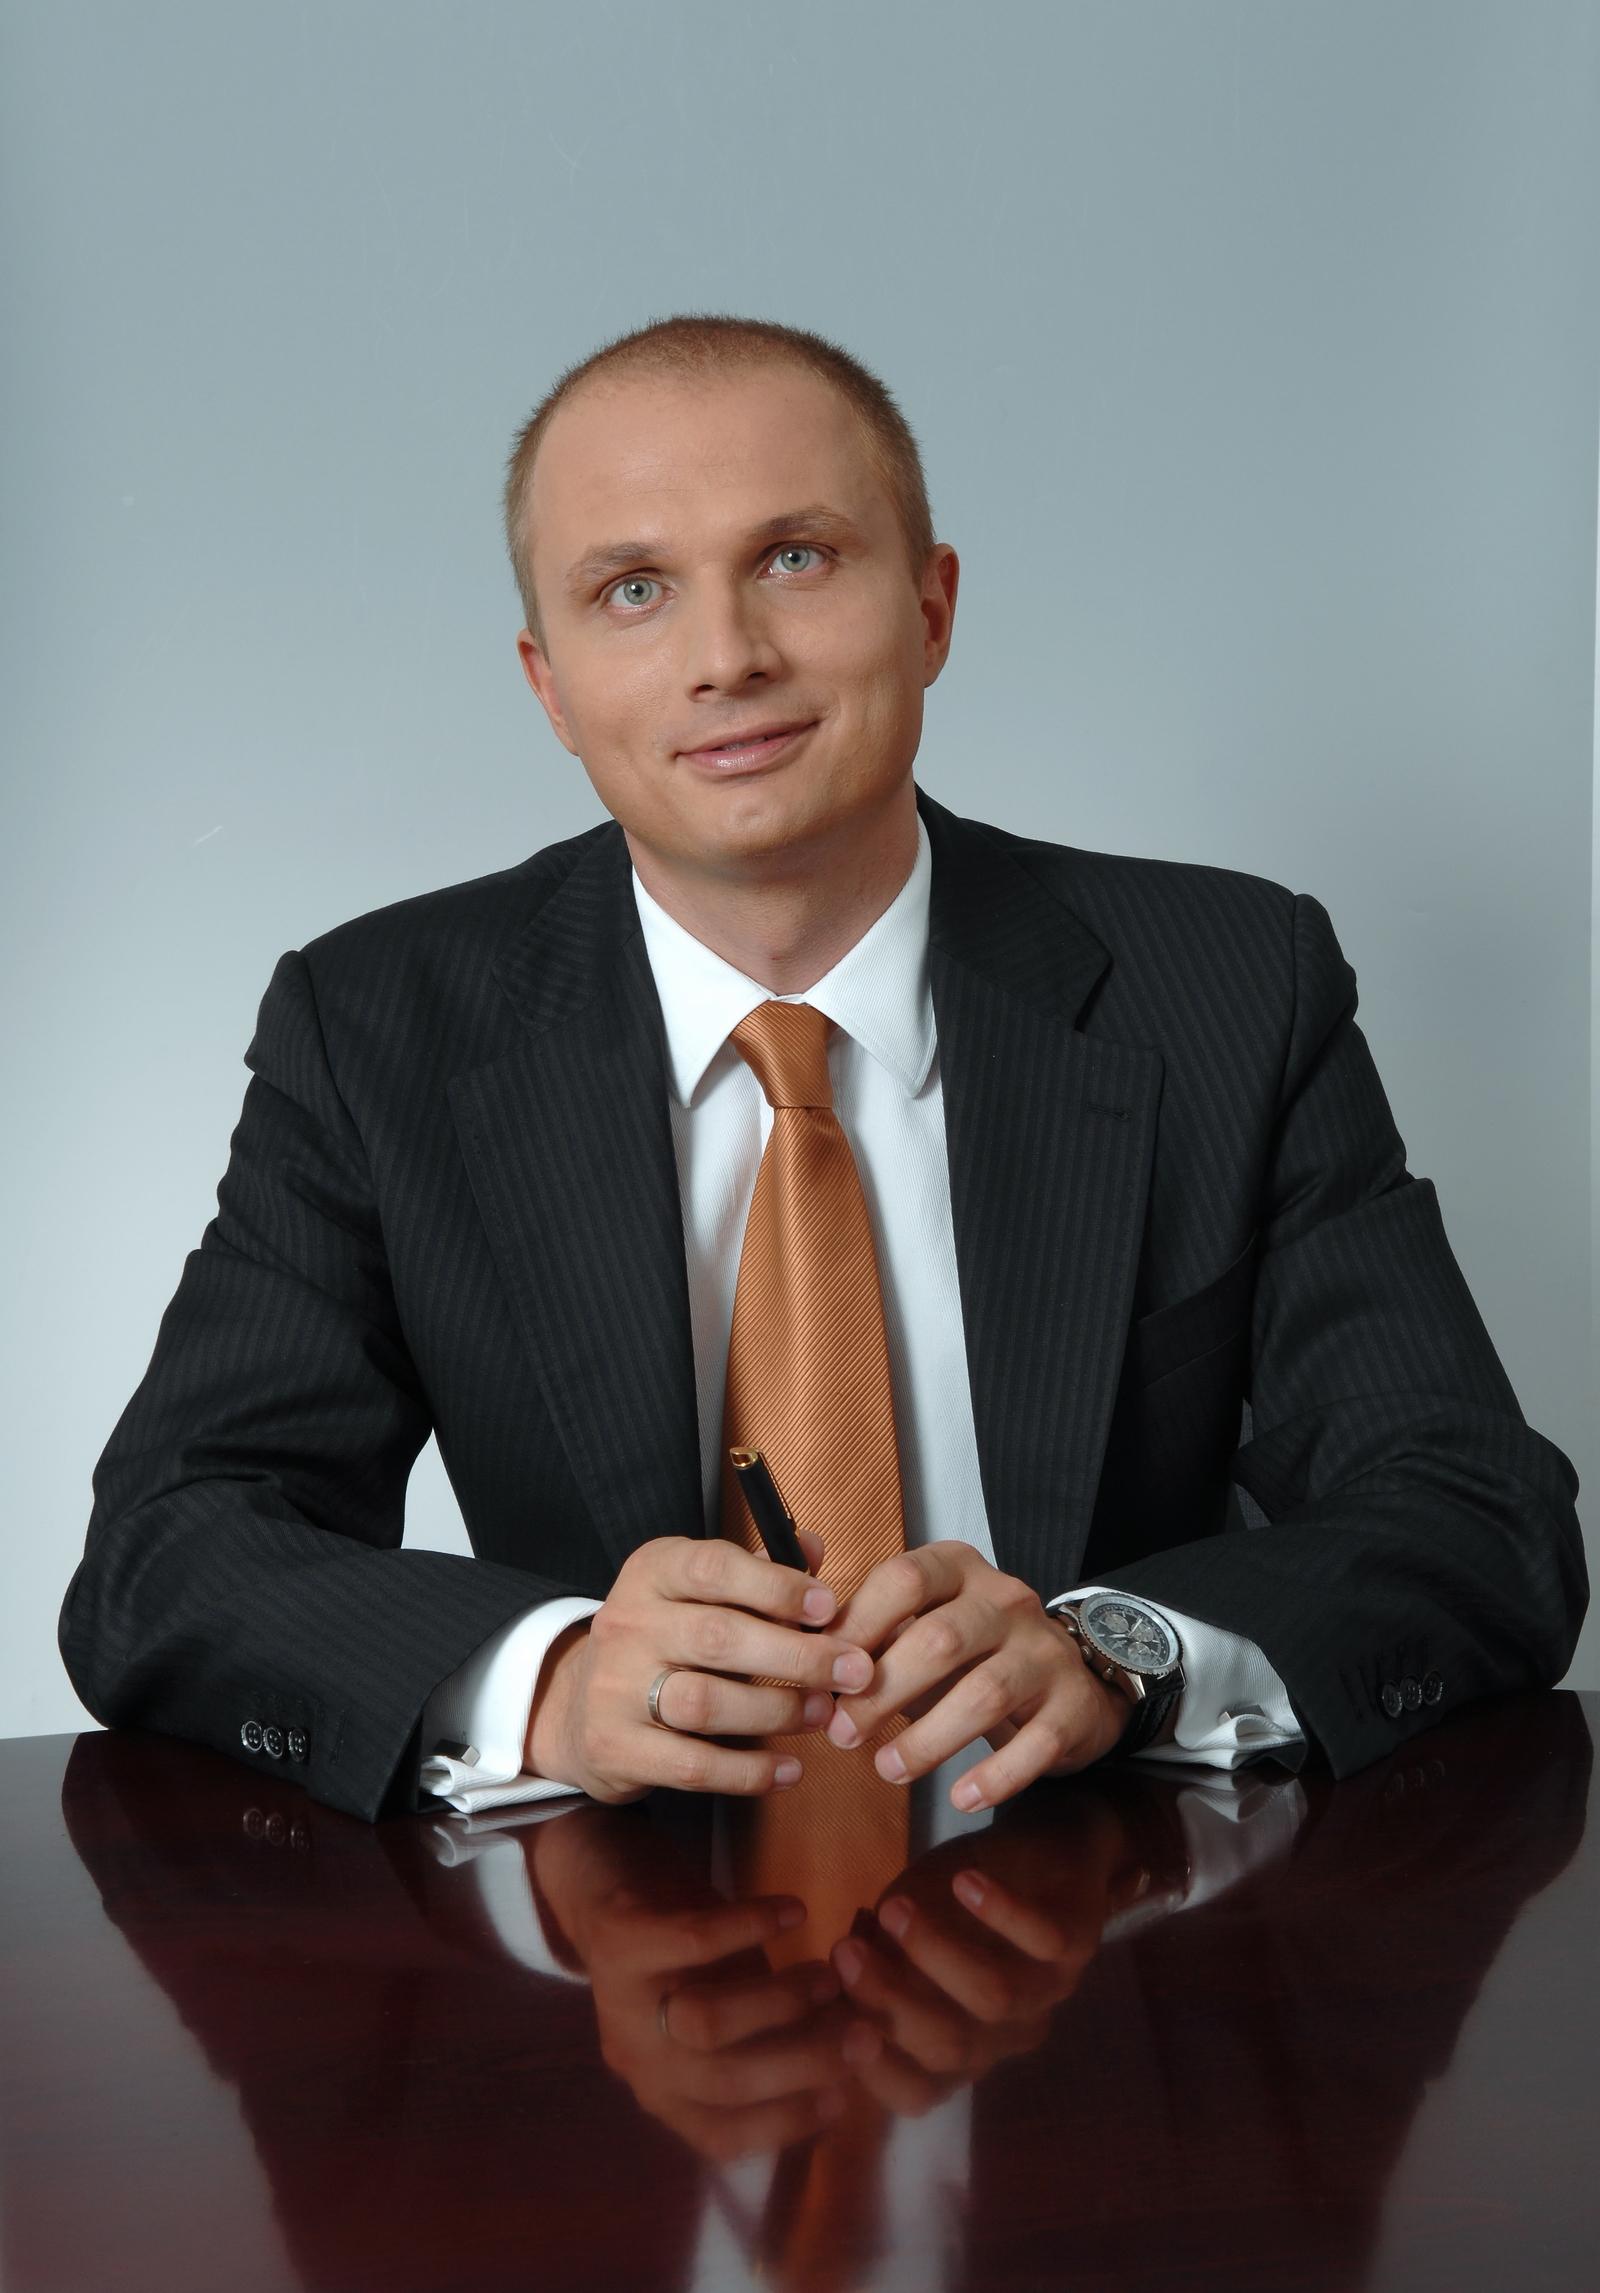 Sławomir Paruch, radca prawny specjalizującym się w prawie pracy, partner w kancelarii Raczkowski i Wspólnicy sp.k.